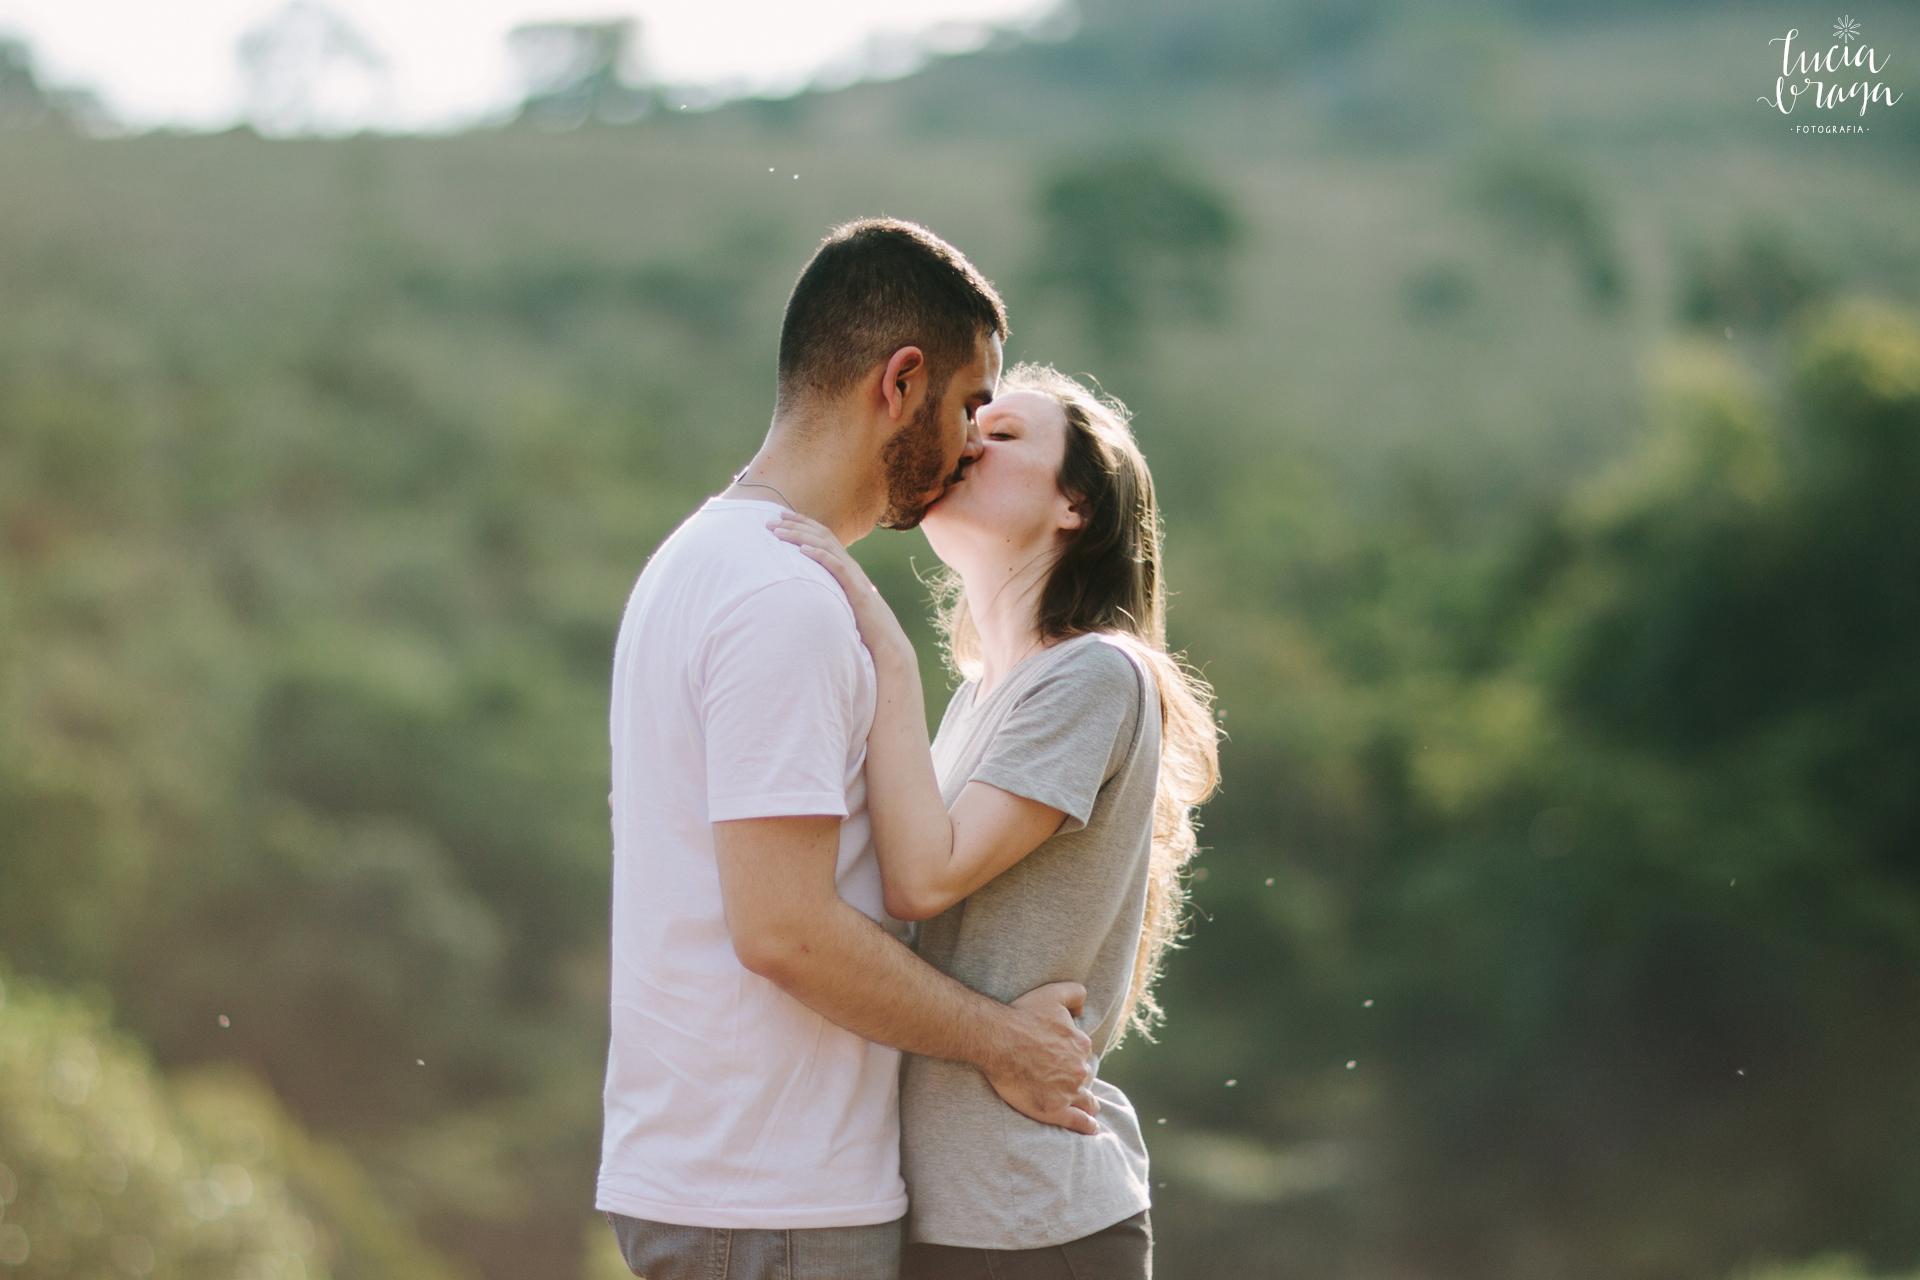 engadgment session, e session, noivado, casal, fotografia, lucia braga fotografia, fotografo sao paulo, fotografo minas gerais, fotografia de casamento, sessao de casal, love, beijo, kiss